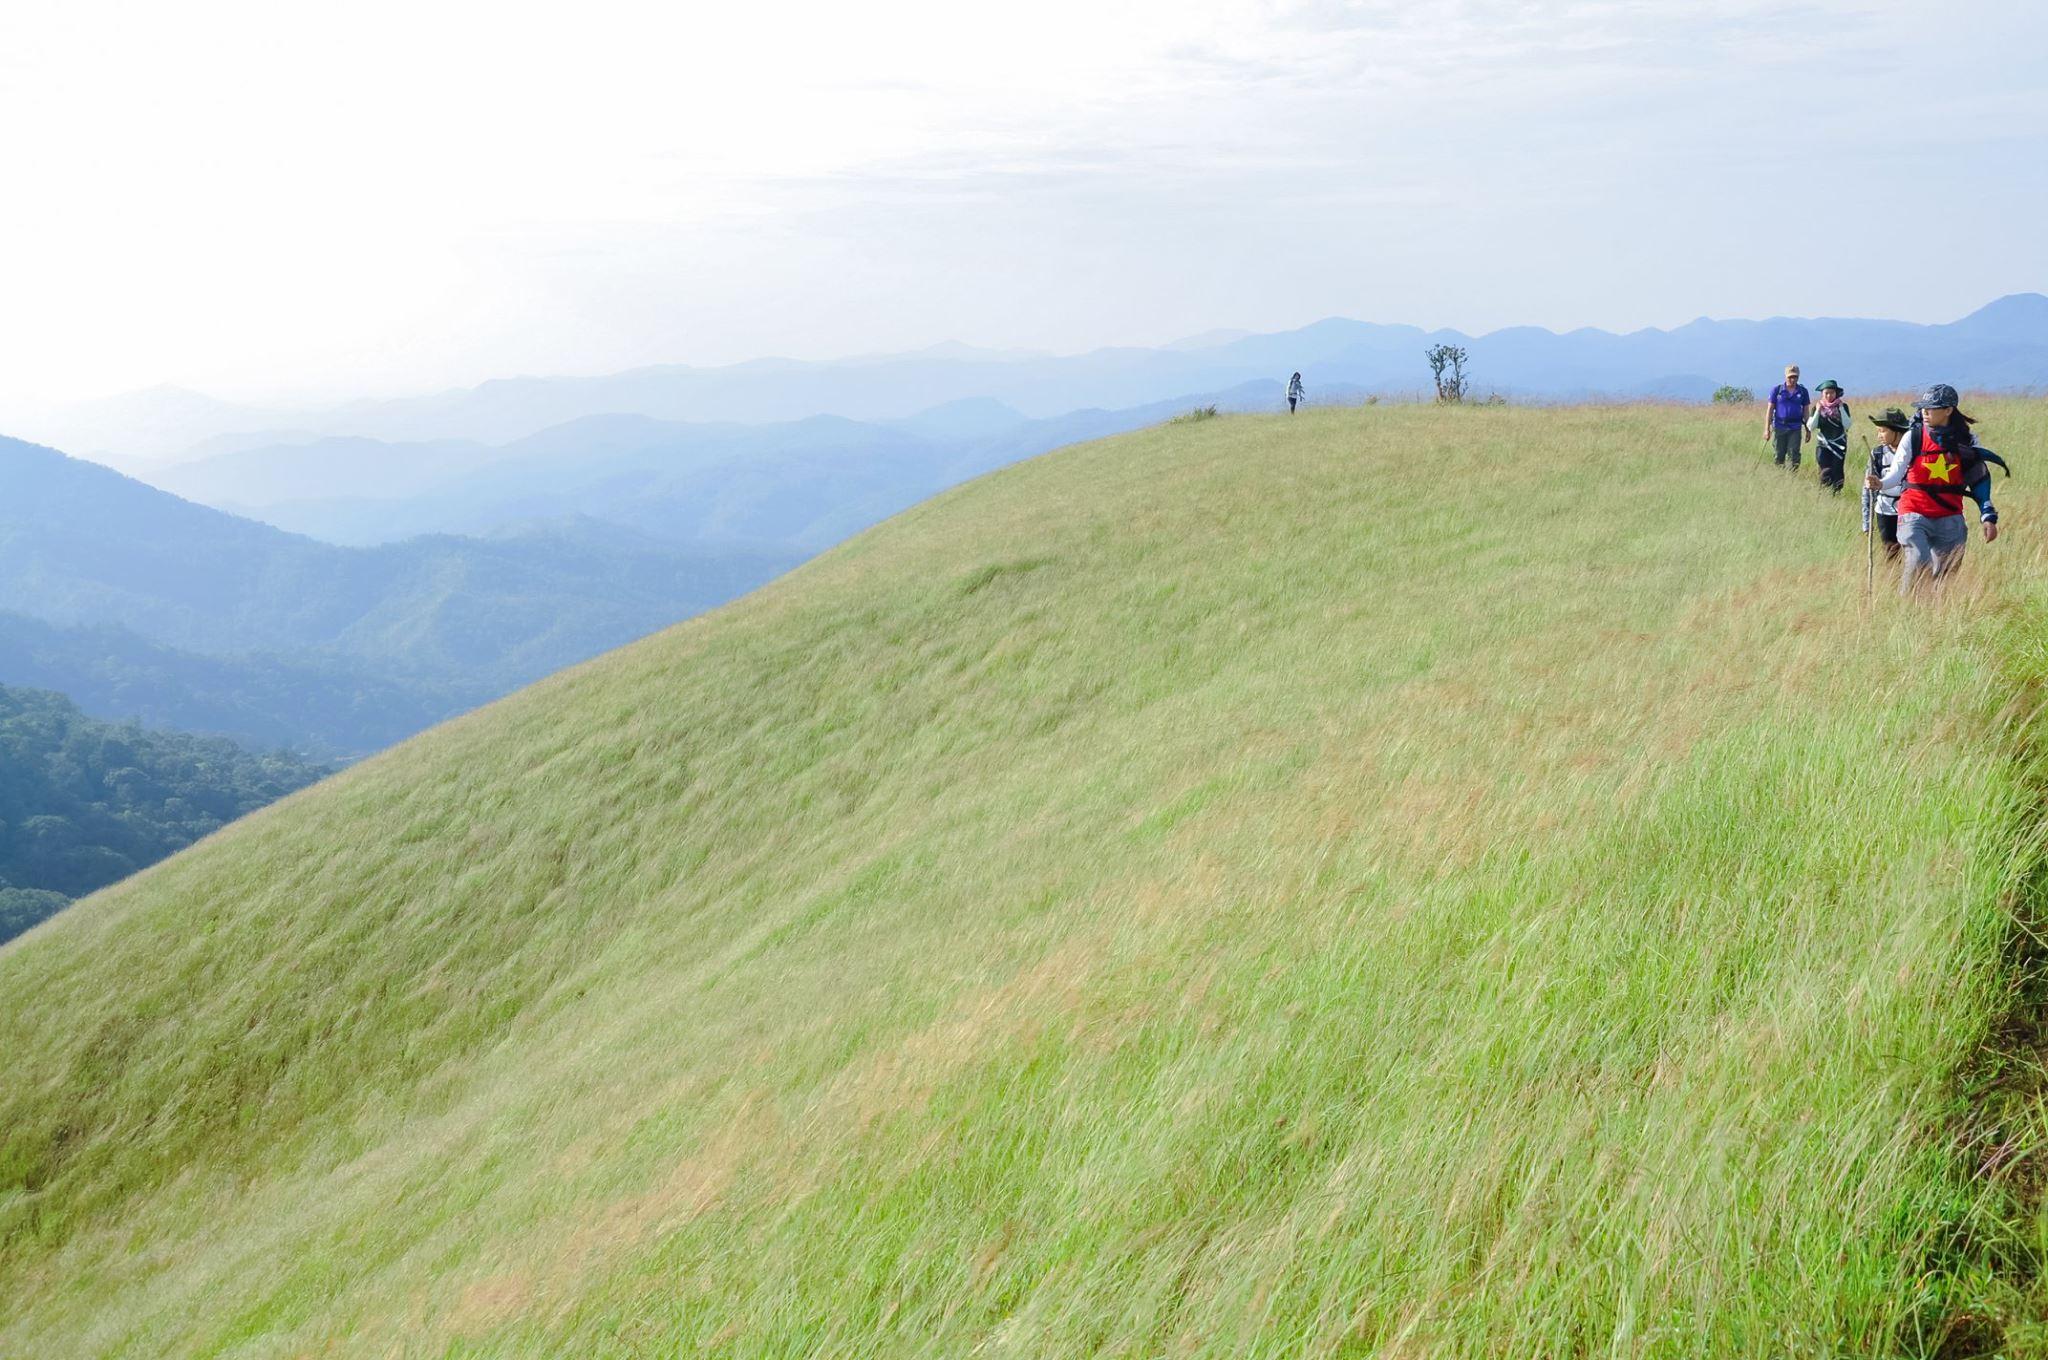 Băng qua những đồi cỏ đẹp mơ mộng như này, mệt mỏi vĩnh viễn chẳng còn